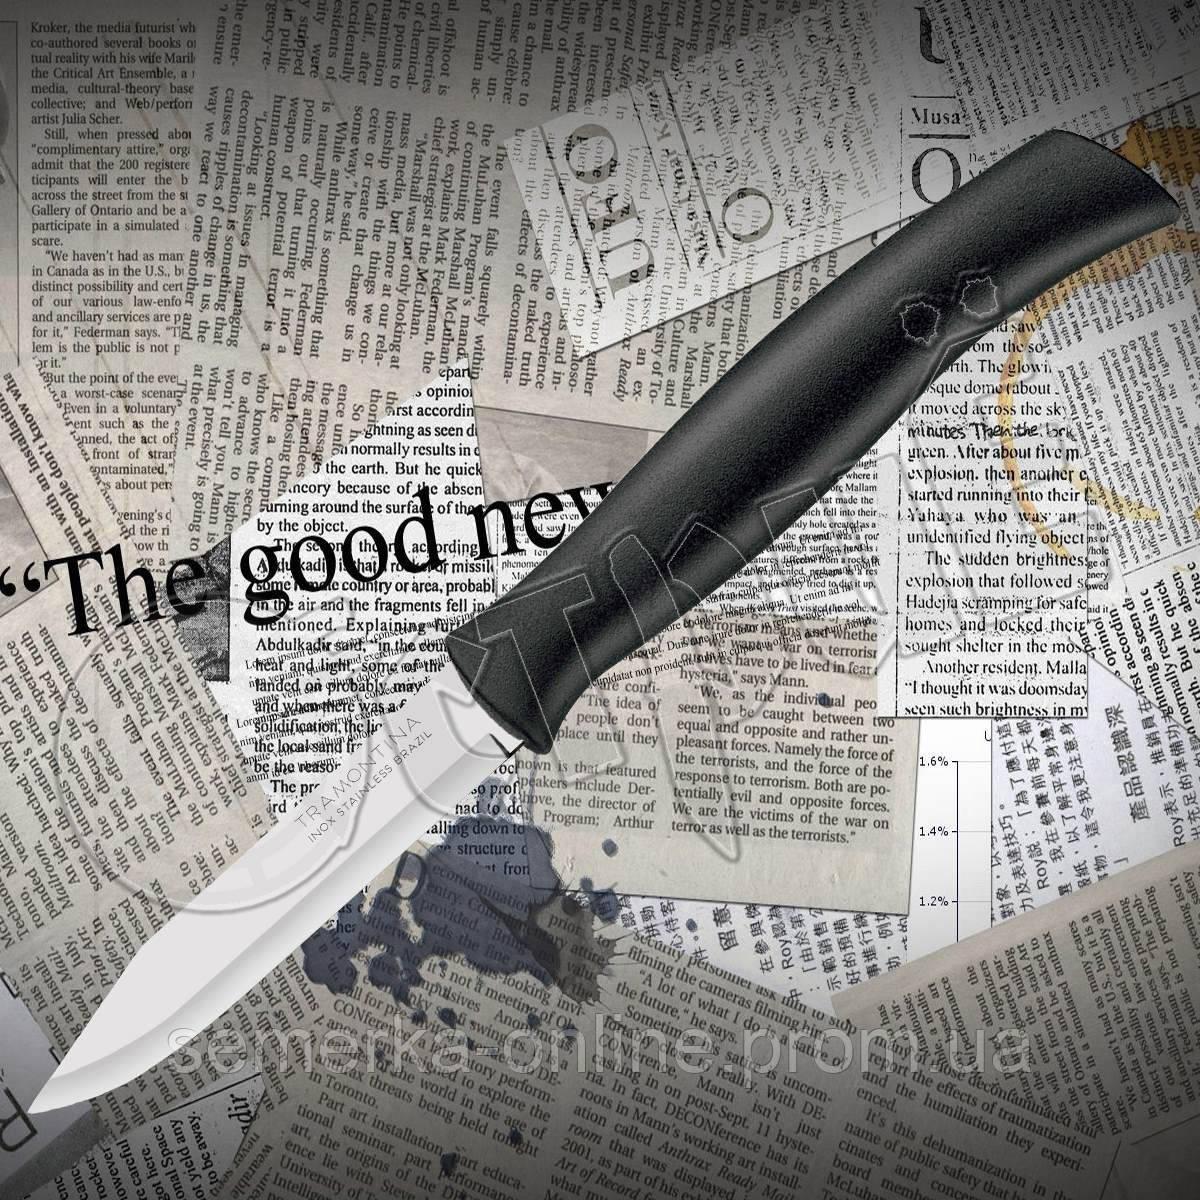 Удобный и долговечный нож кухонный Tramontina 23080/003 ATHUS для чистки овощей